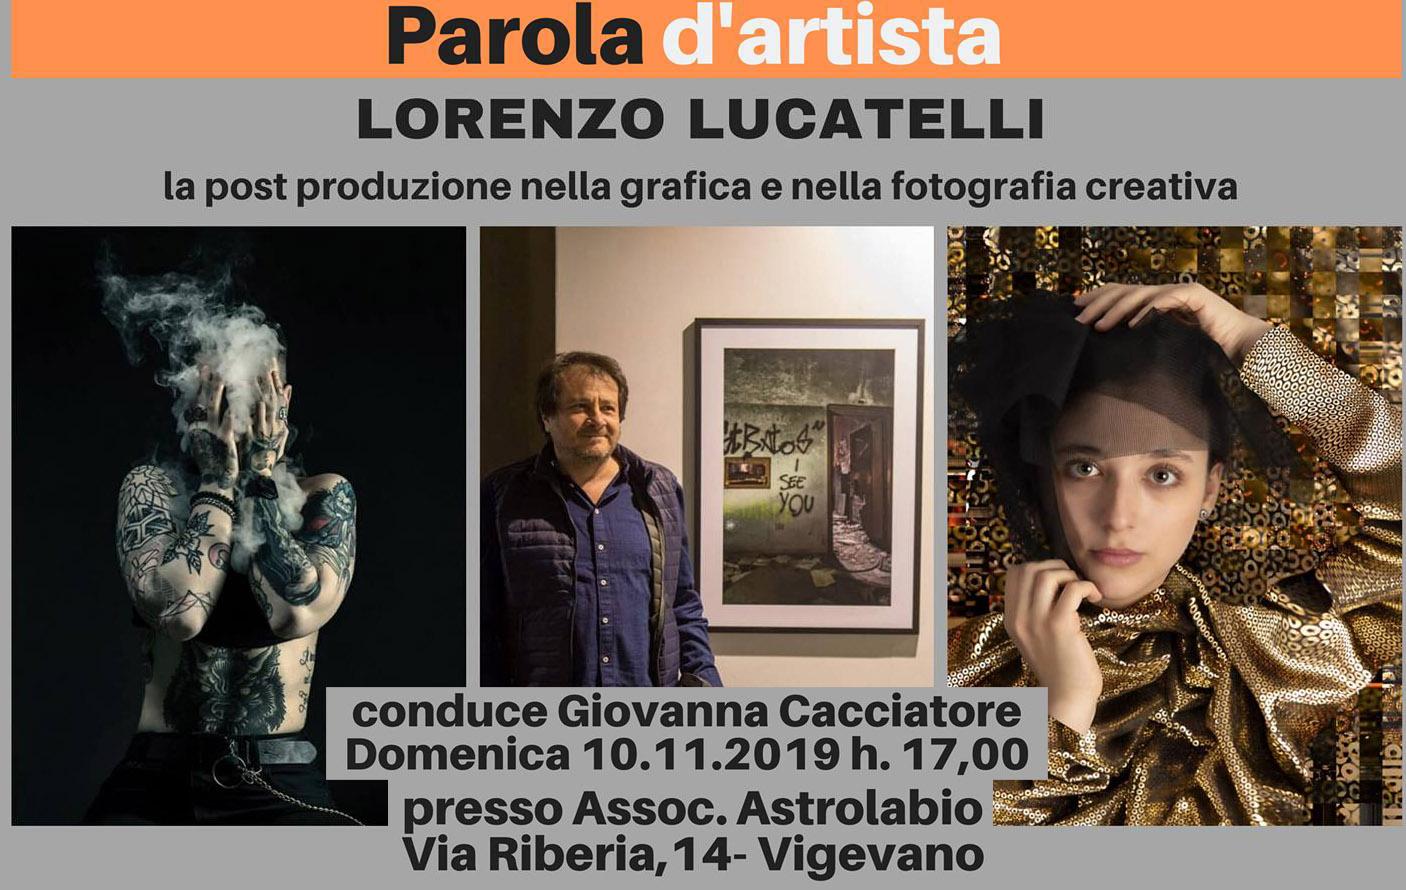 Lorenzo Lucatelli: la post produzione nella grafica e nella fotografia creativa